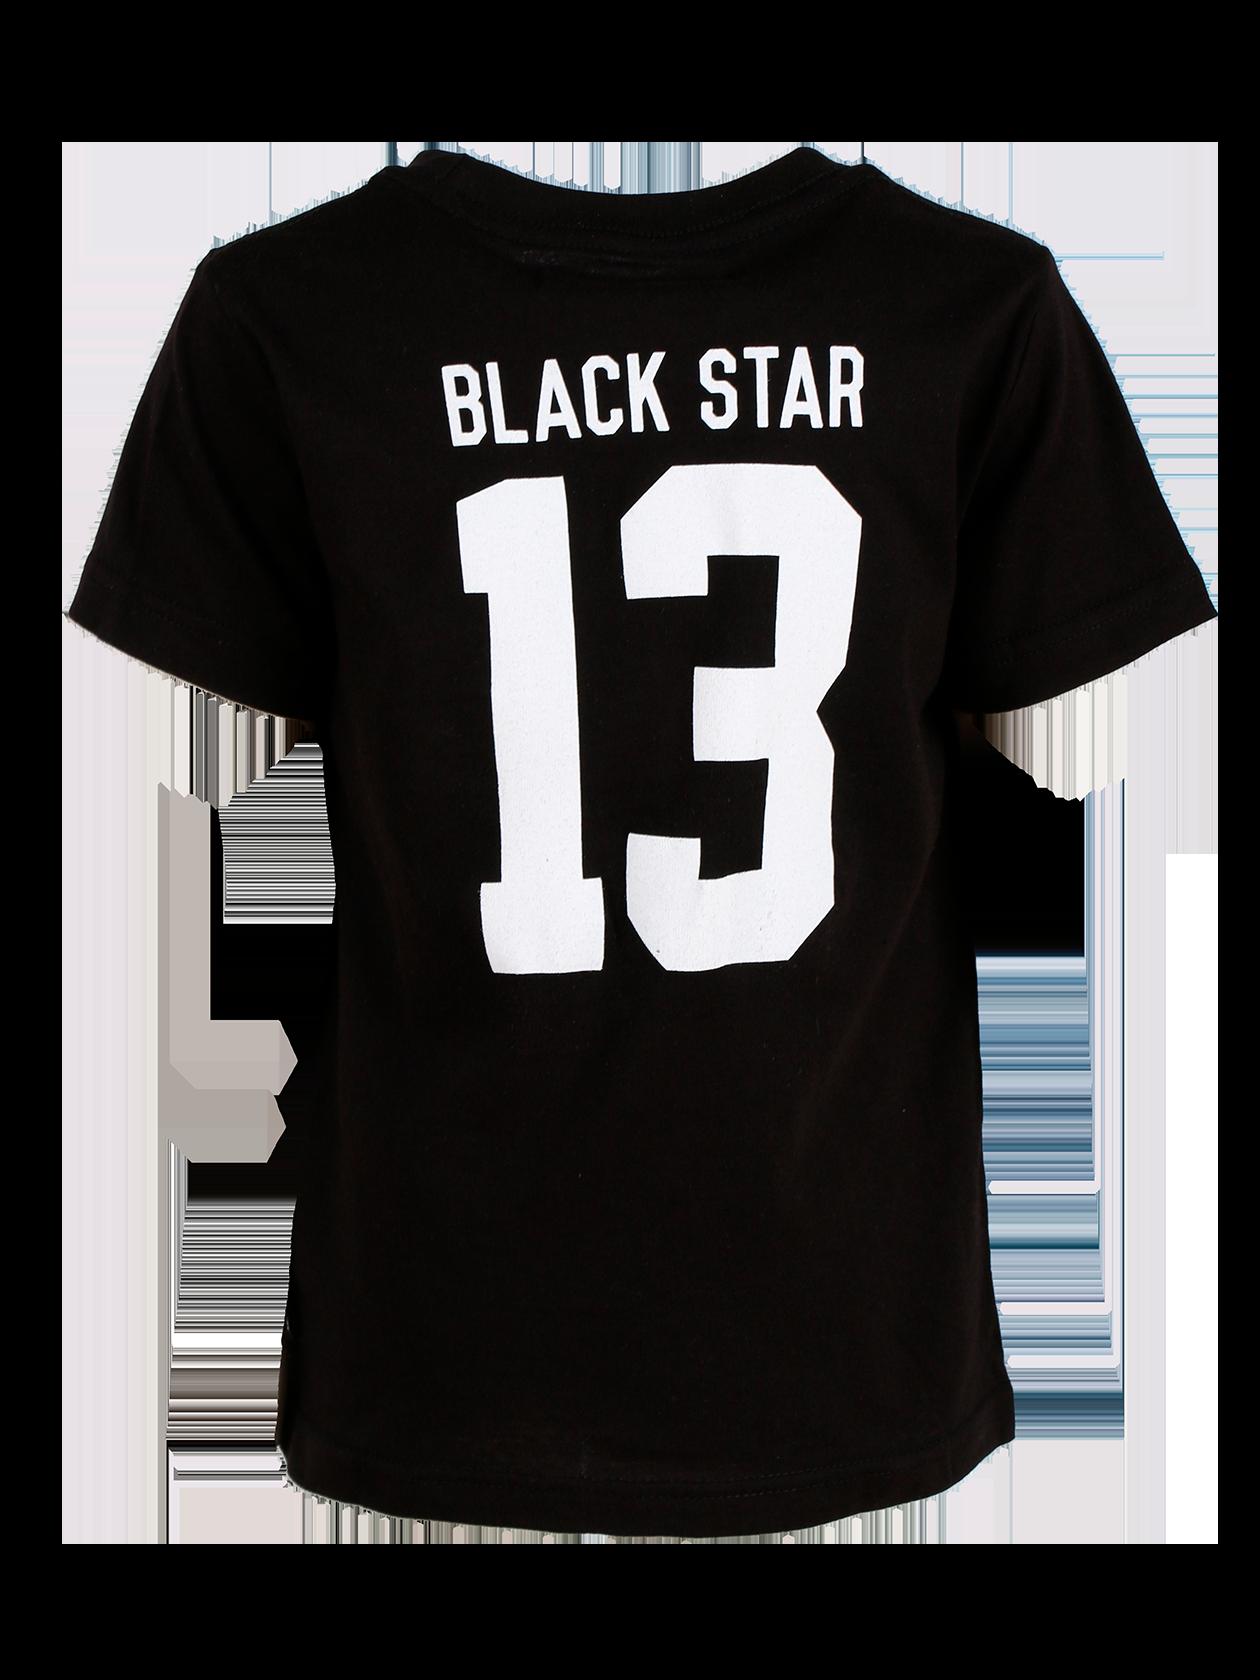 Футболка подростковая BLACK STAR 13Футболка подростковая Black Star 13 из новой линии одежды Basic – прекрасный выбор на каждый день. Сочетание стиля и комфорта делает эту модель незаменимой базовой вещью в гардеробе активных молодых людей. Прямой крой, свободный силуэт, короткий рукав и всегда актуальный черный цвет. Лаконичный дизайн дополнен контрастным белым принтом с надписью Black Star 13. Материал – 100% хлопок. Цена на изделие стала на 25% привлекательнее.<br><br>Размер: 12-14 years<br>Цвет: Черный<br>Пол: Унисекс